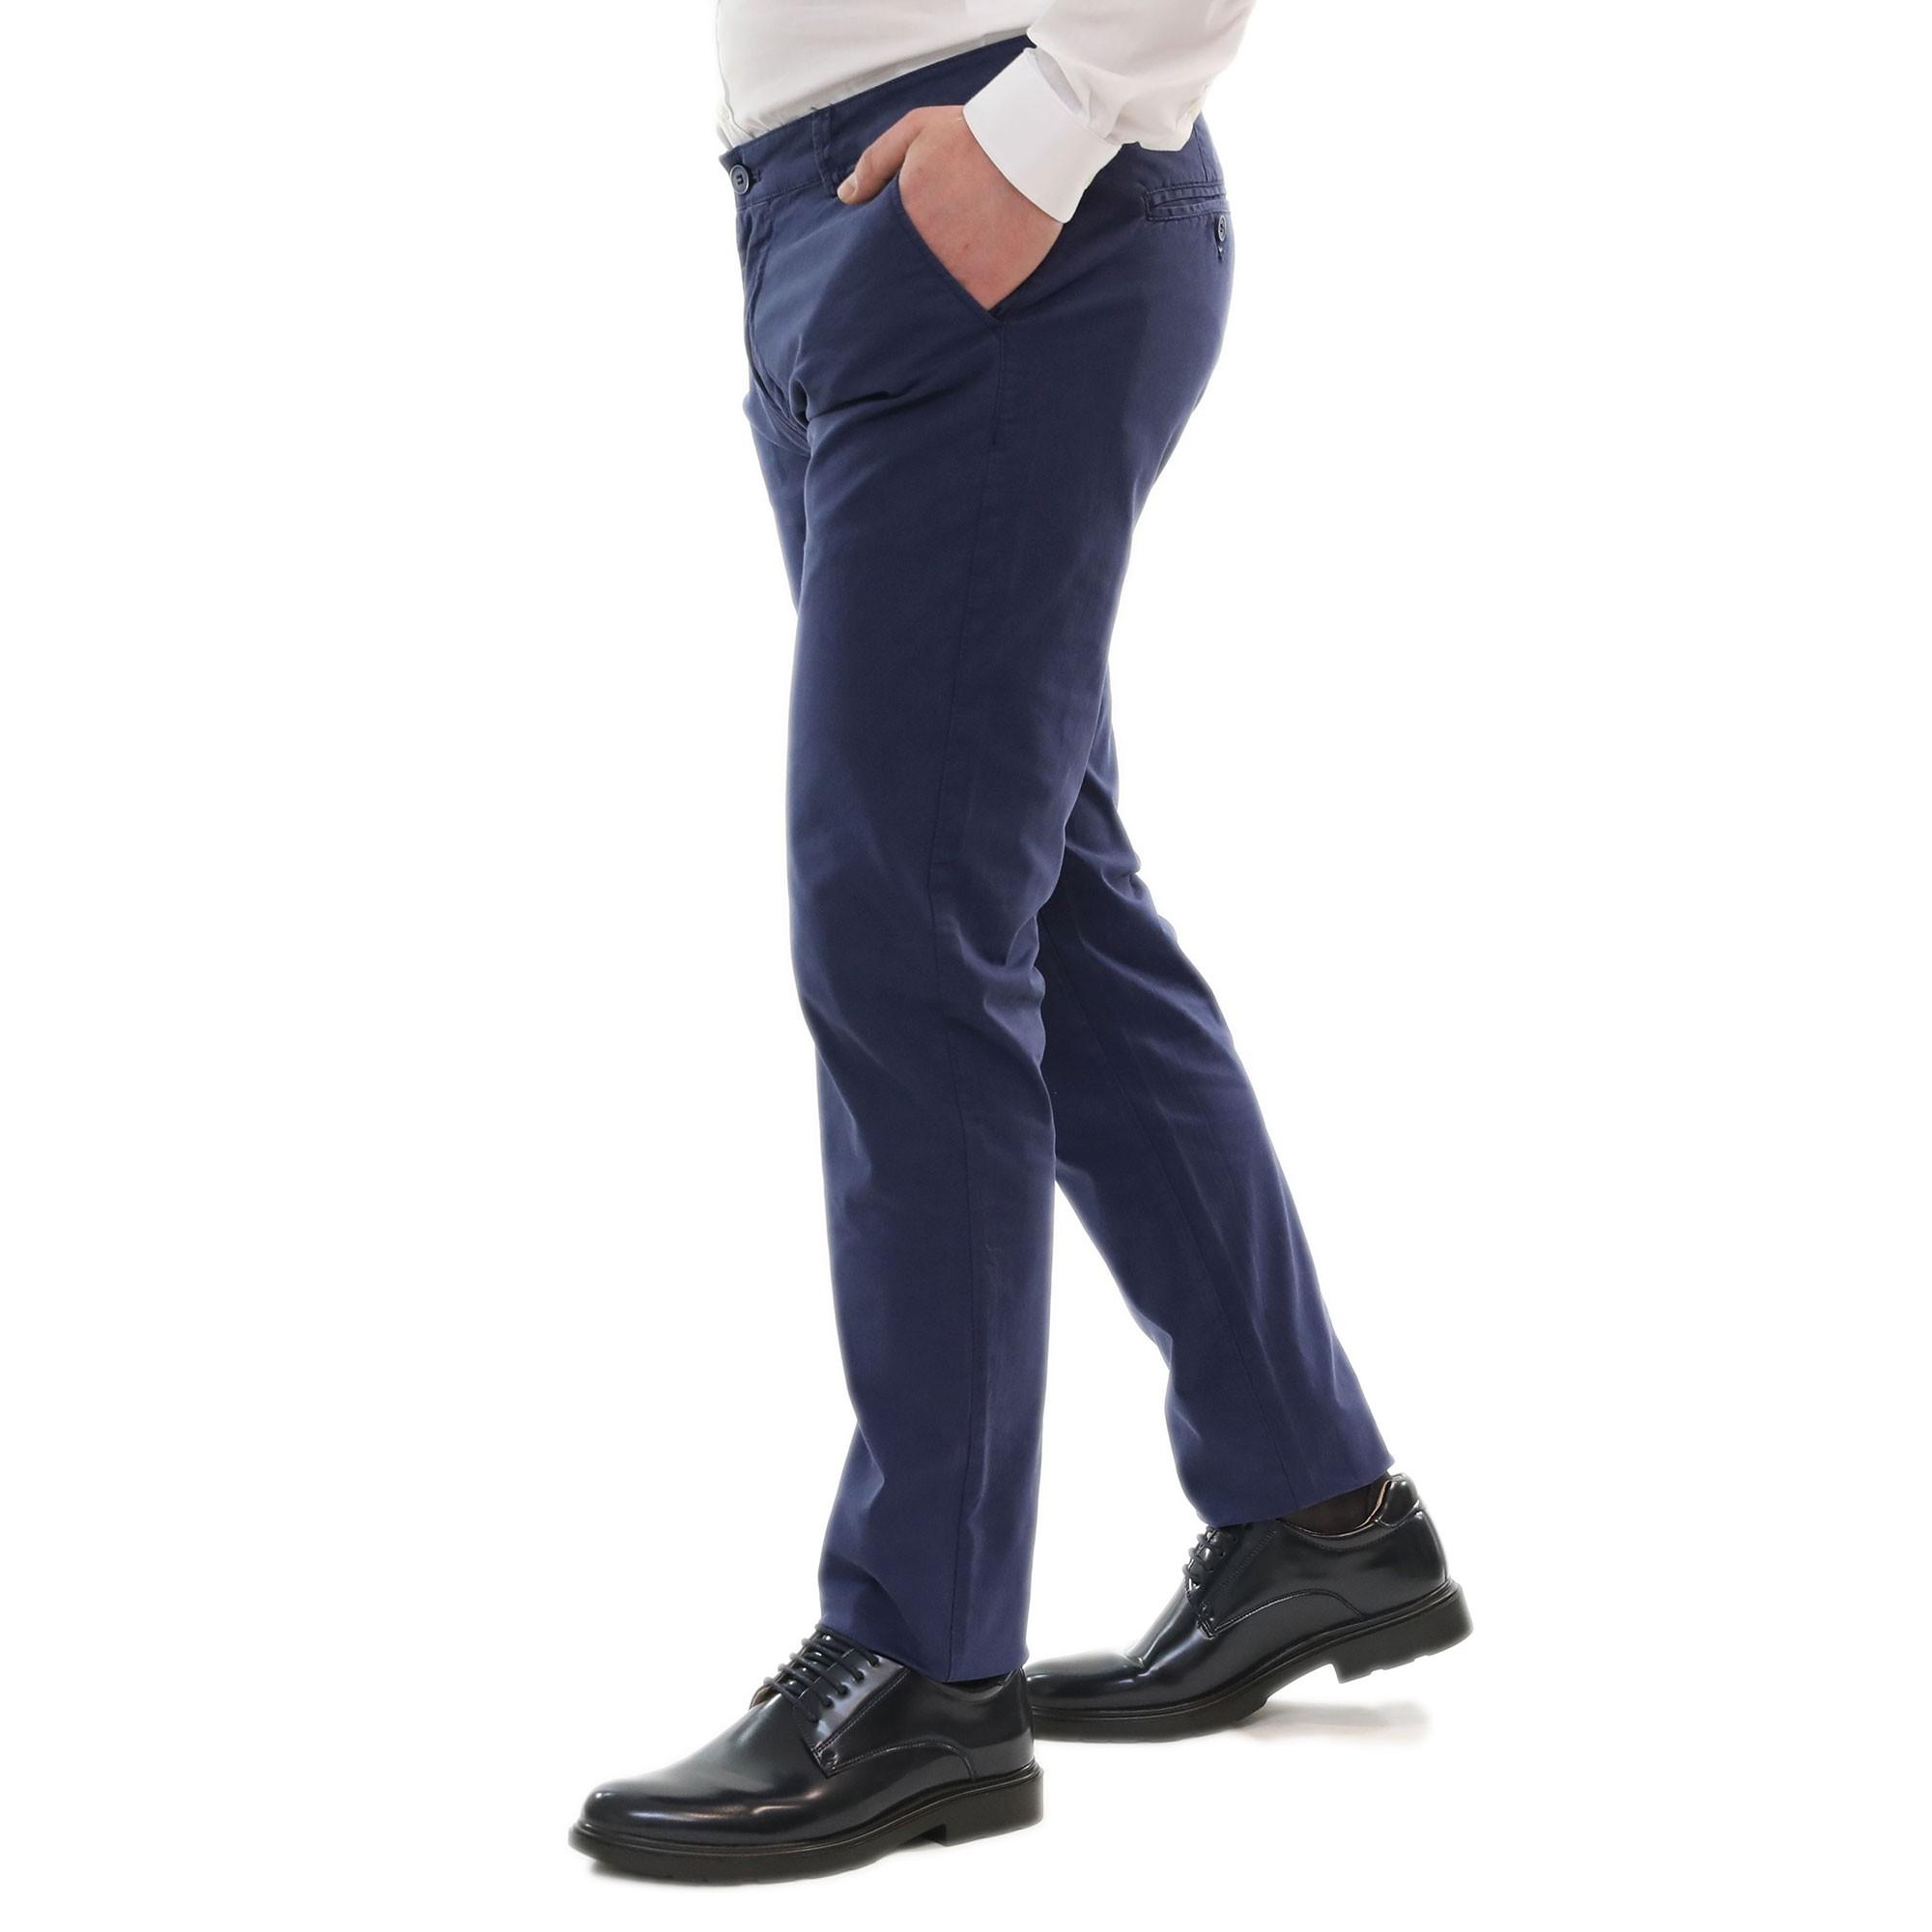 Pantaloni-Uomo-Estivi-Cotone-Chino-Slim-Fit-Elegante-Tasche-America miniatura 9